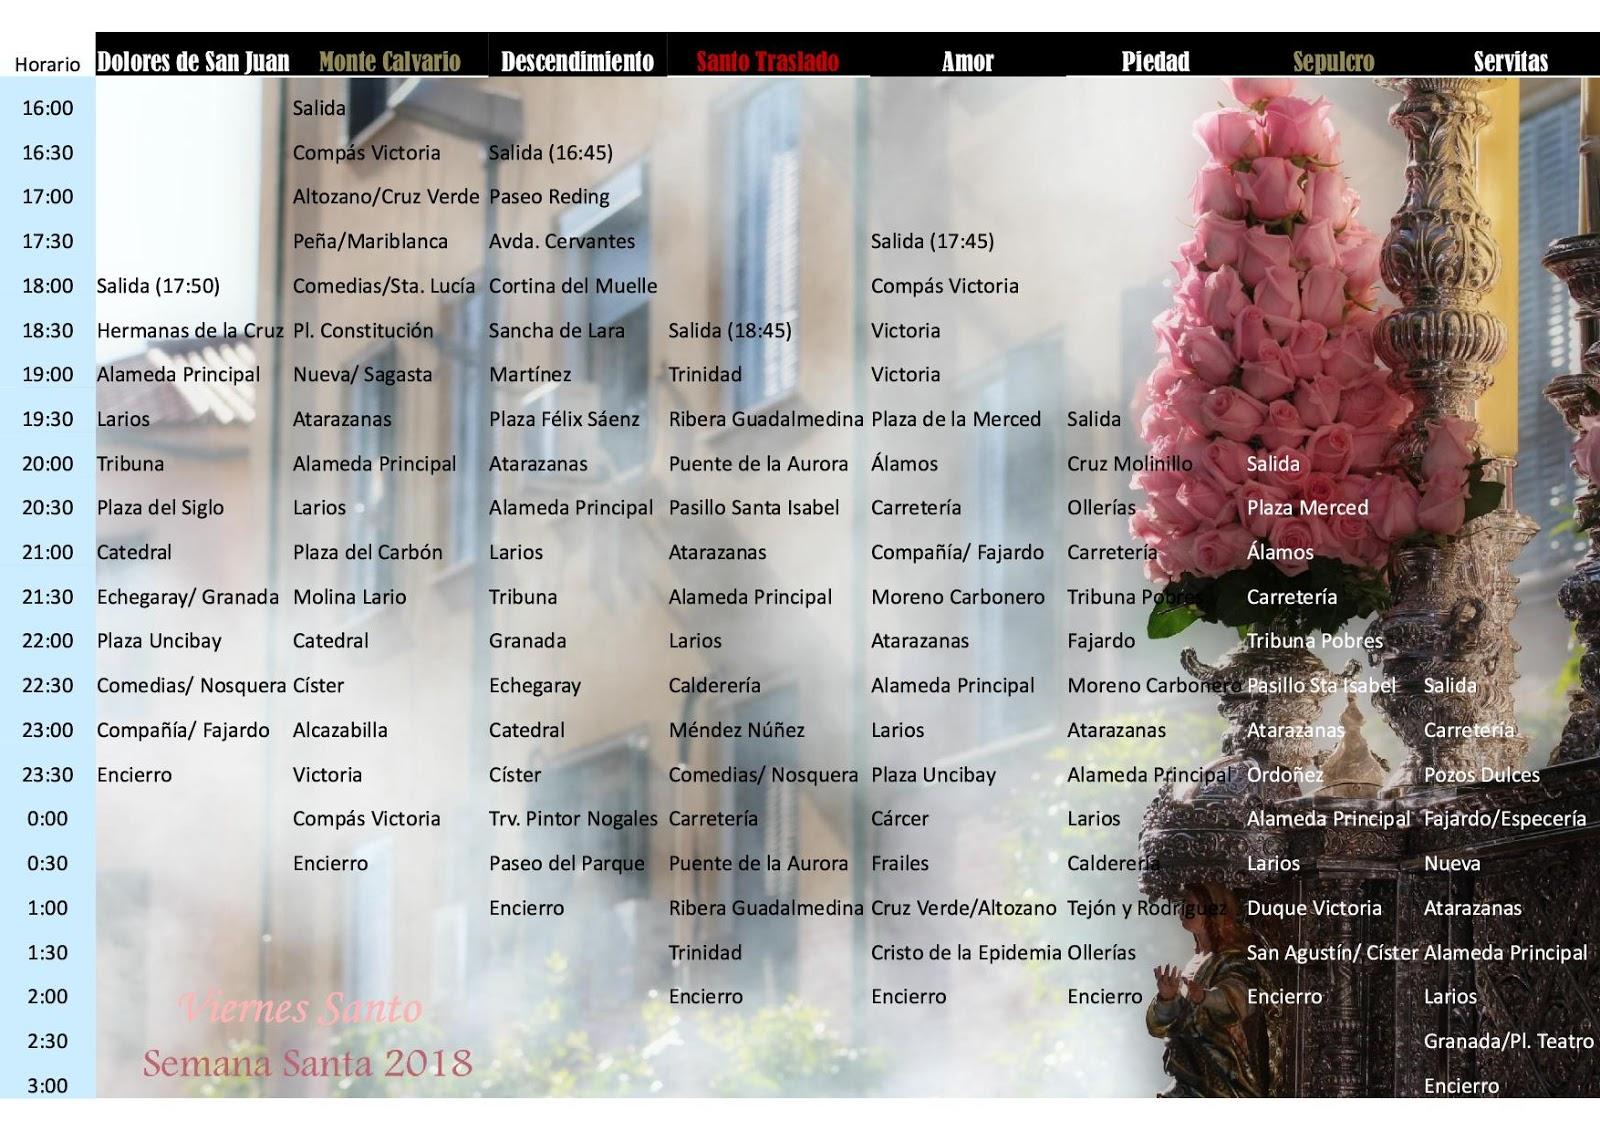 Programa de mano nazarenodpasion horarios e itinerarios for Horario oficina correos malaga